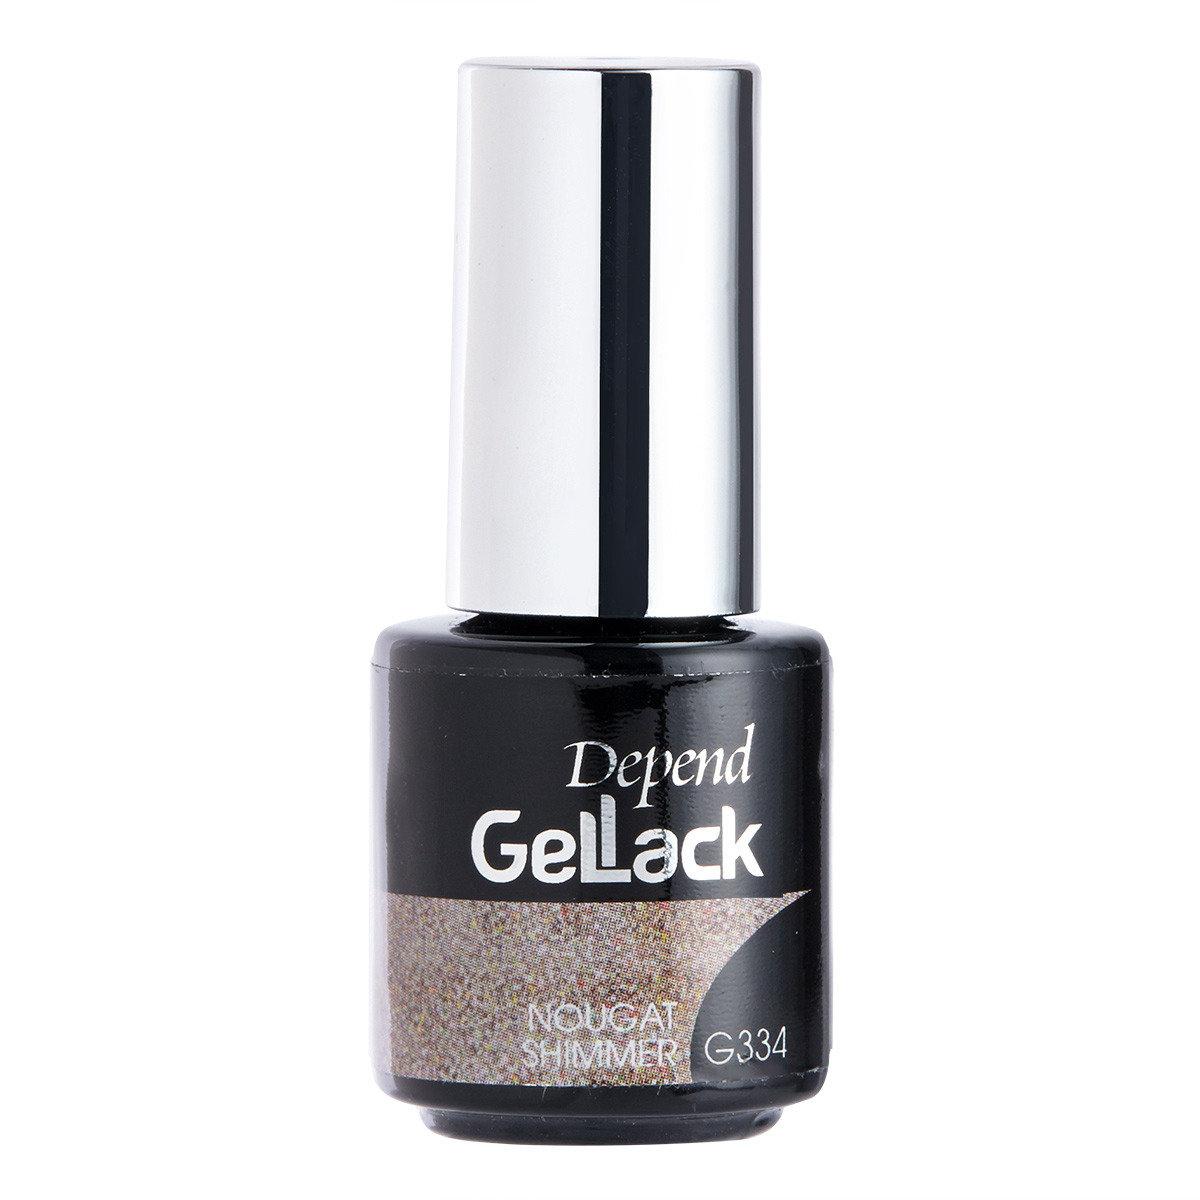 GELLACK指甲油-G334